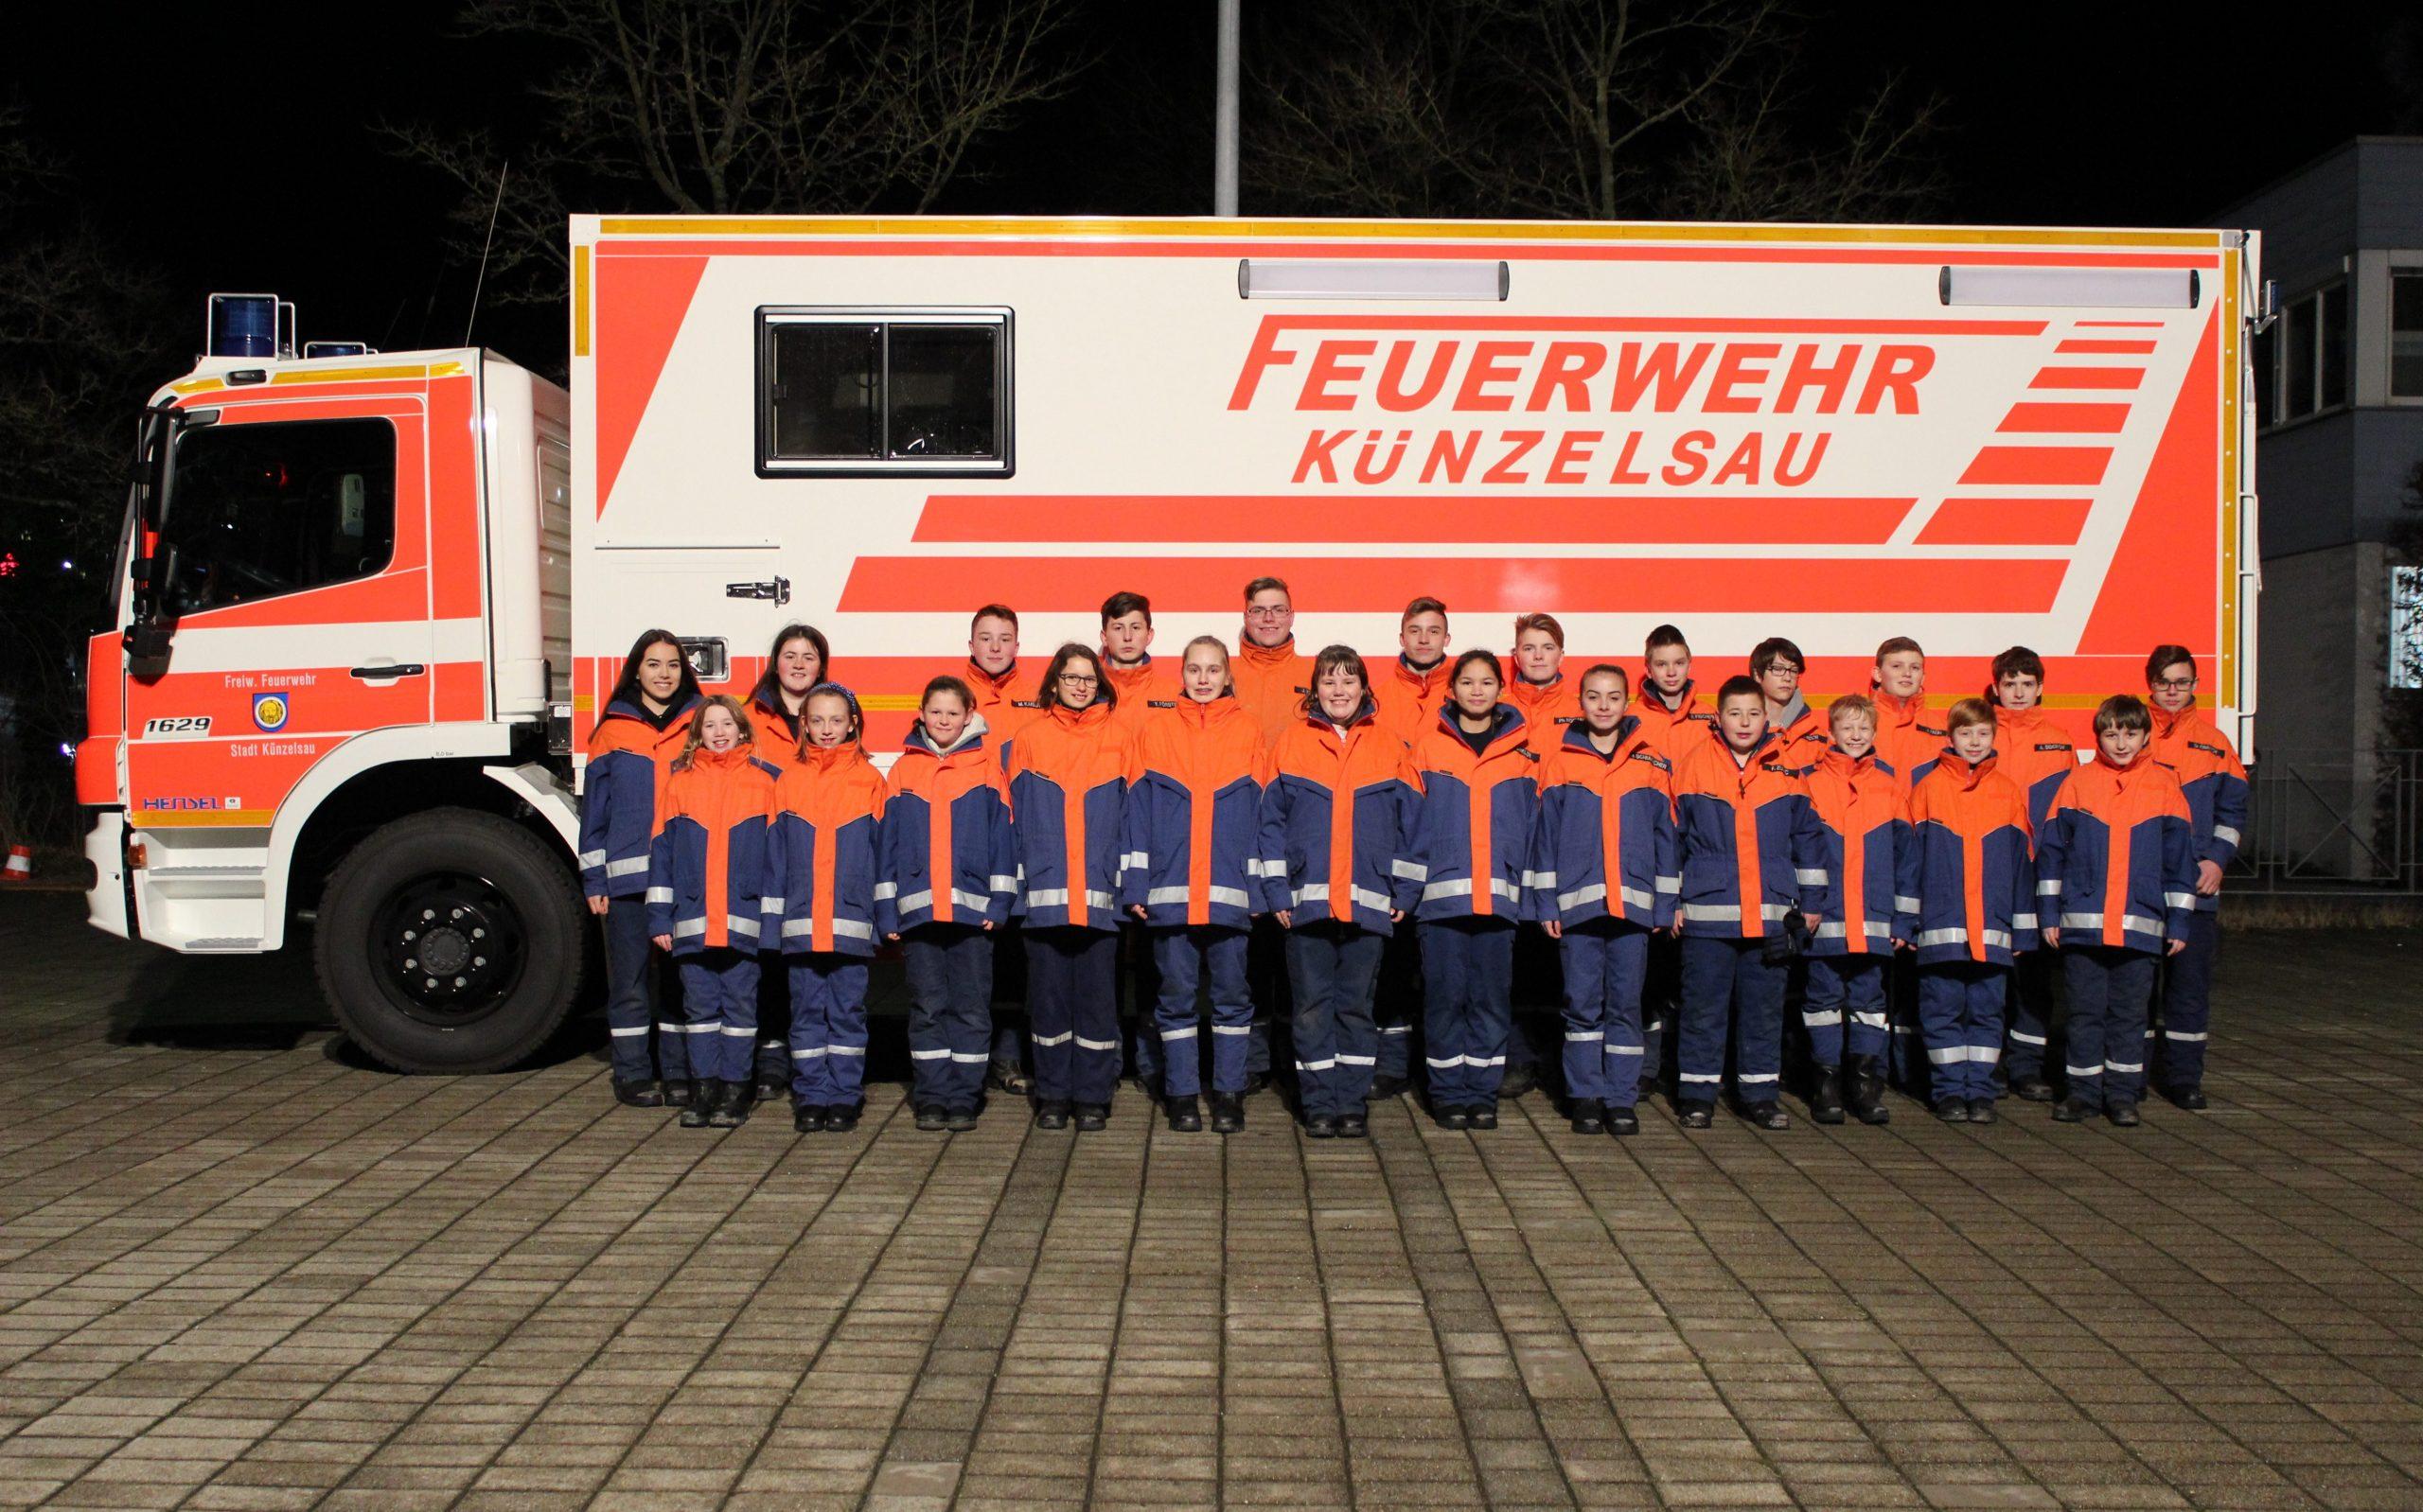 Gruppenbild Jugendfeuerwehr vor Gerätewagen Atemschutz